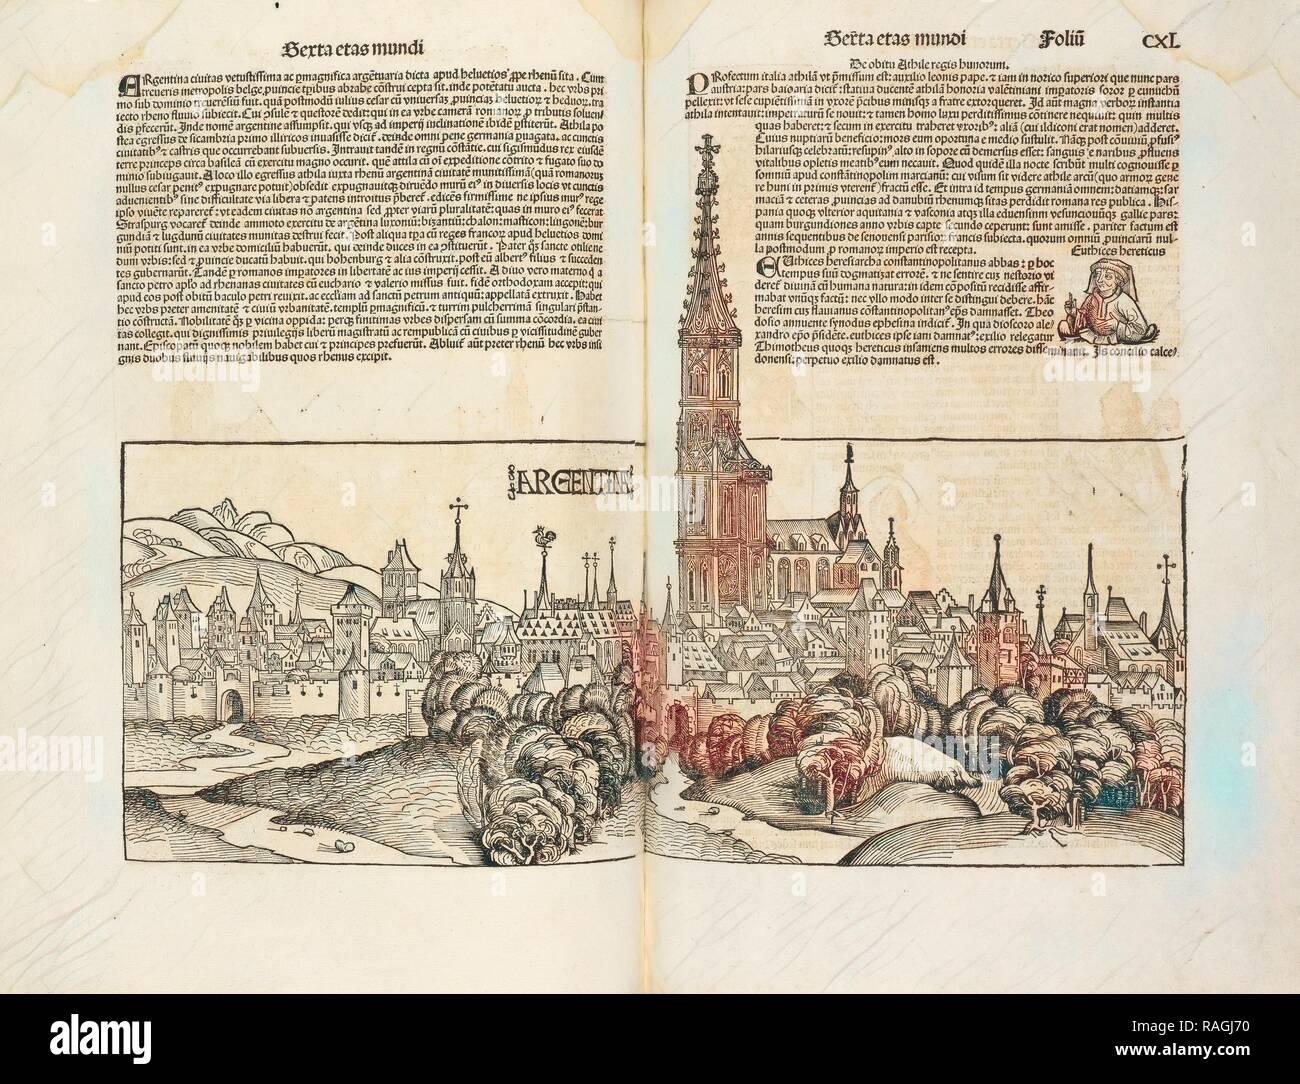 Argentina, Registrum huius operis libri cronicarum cu, m, figuris et ymagi, nibus ab inicio mundi, Pleydenwurff reimagined - Stock Image